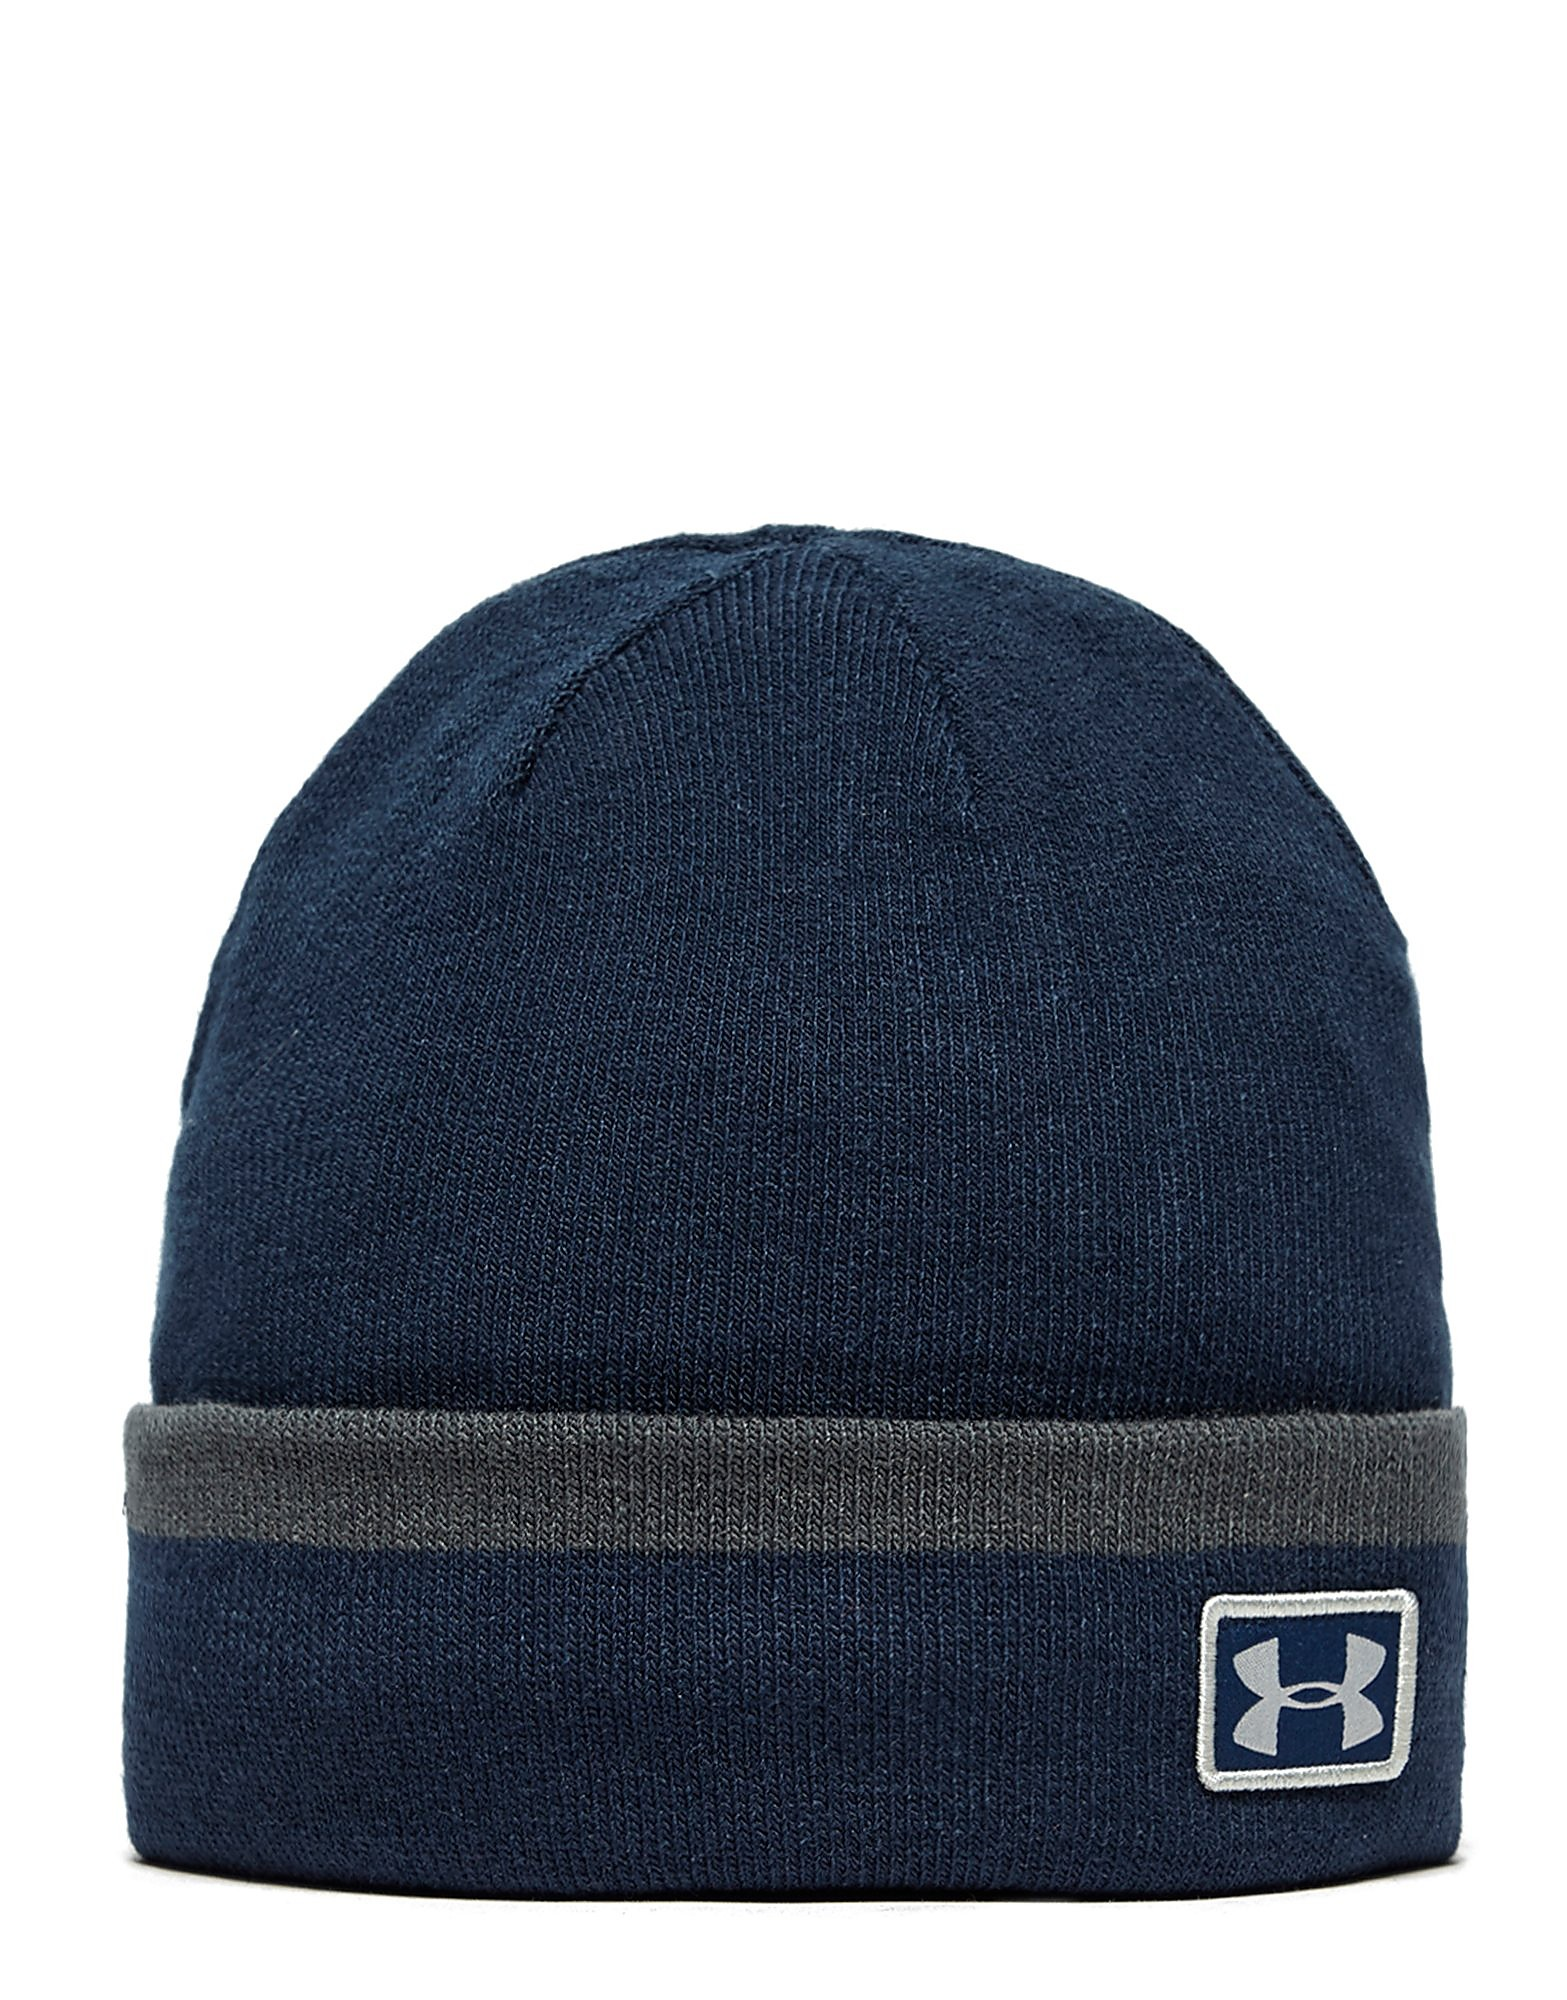 Under Armour ColdGear Infrared Cuff Sideline Beanie Hat